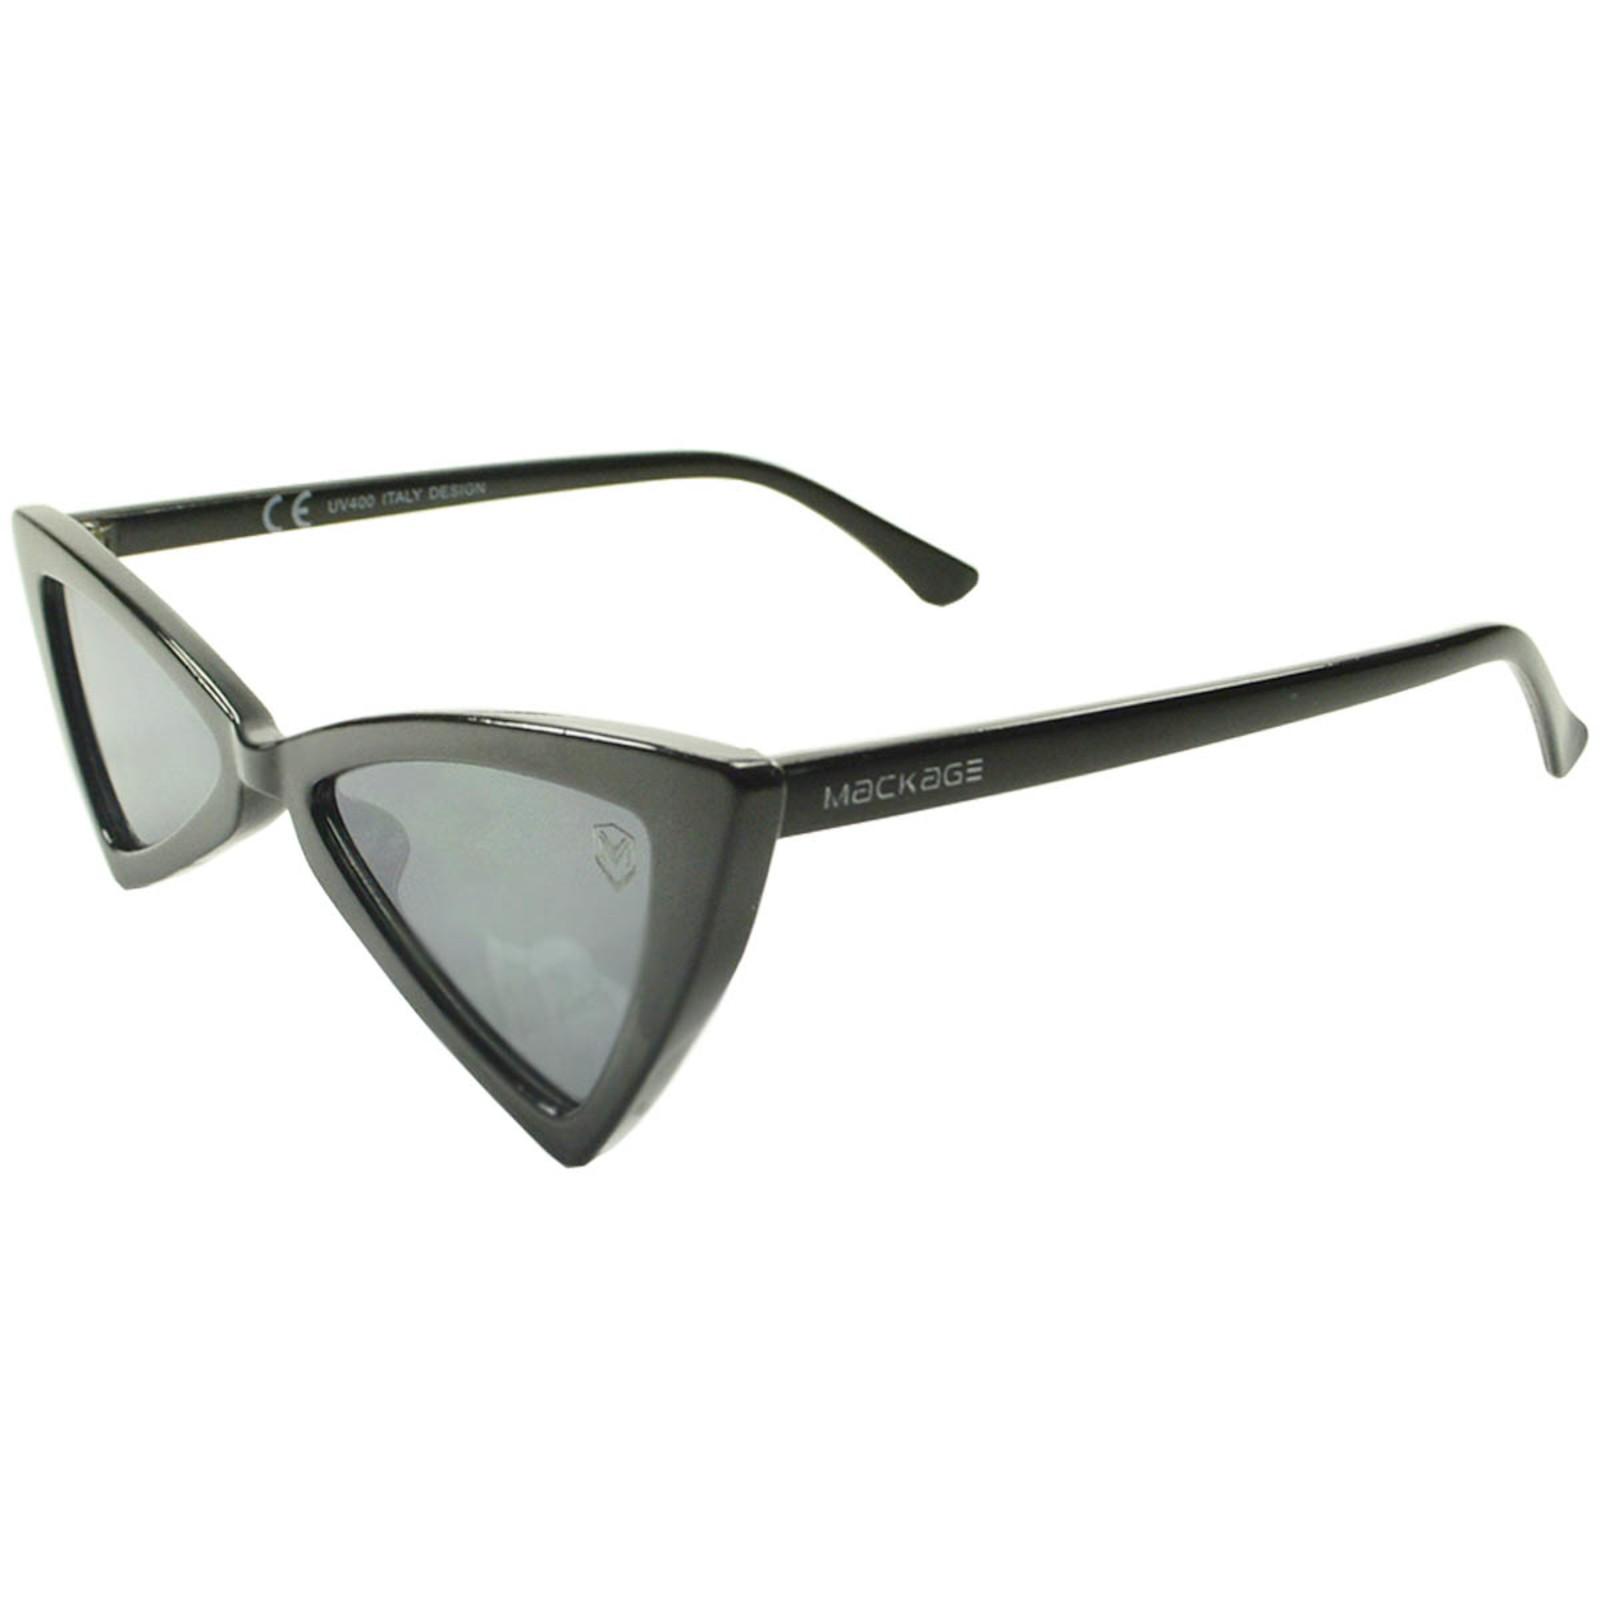 Óculos De Sol Mackage Feminino Acetato Butterfly - Preto